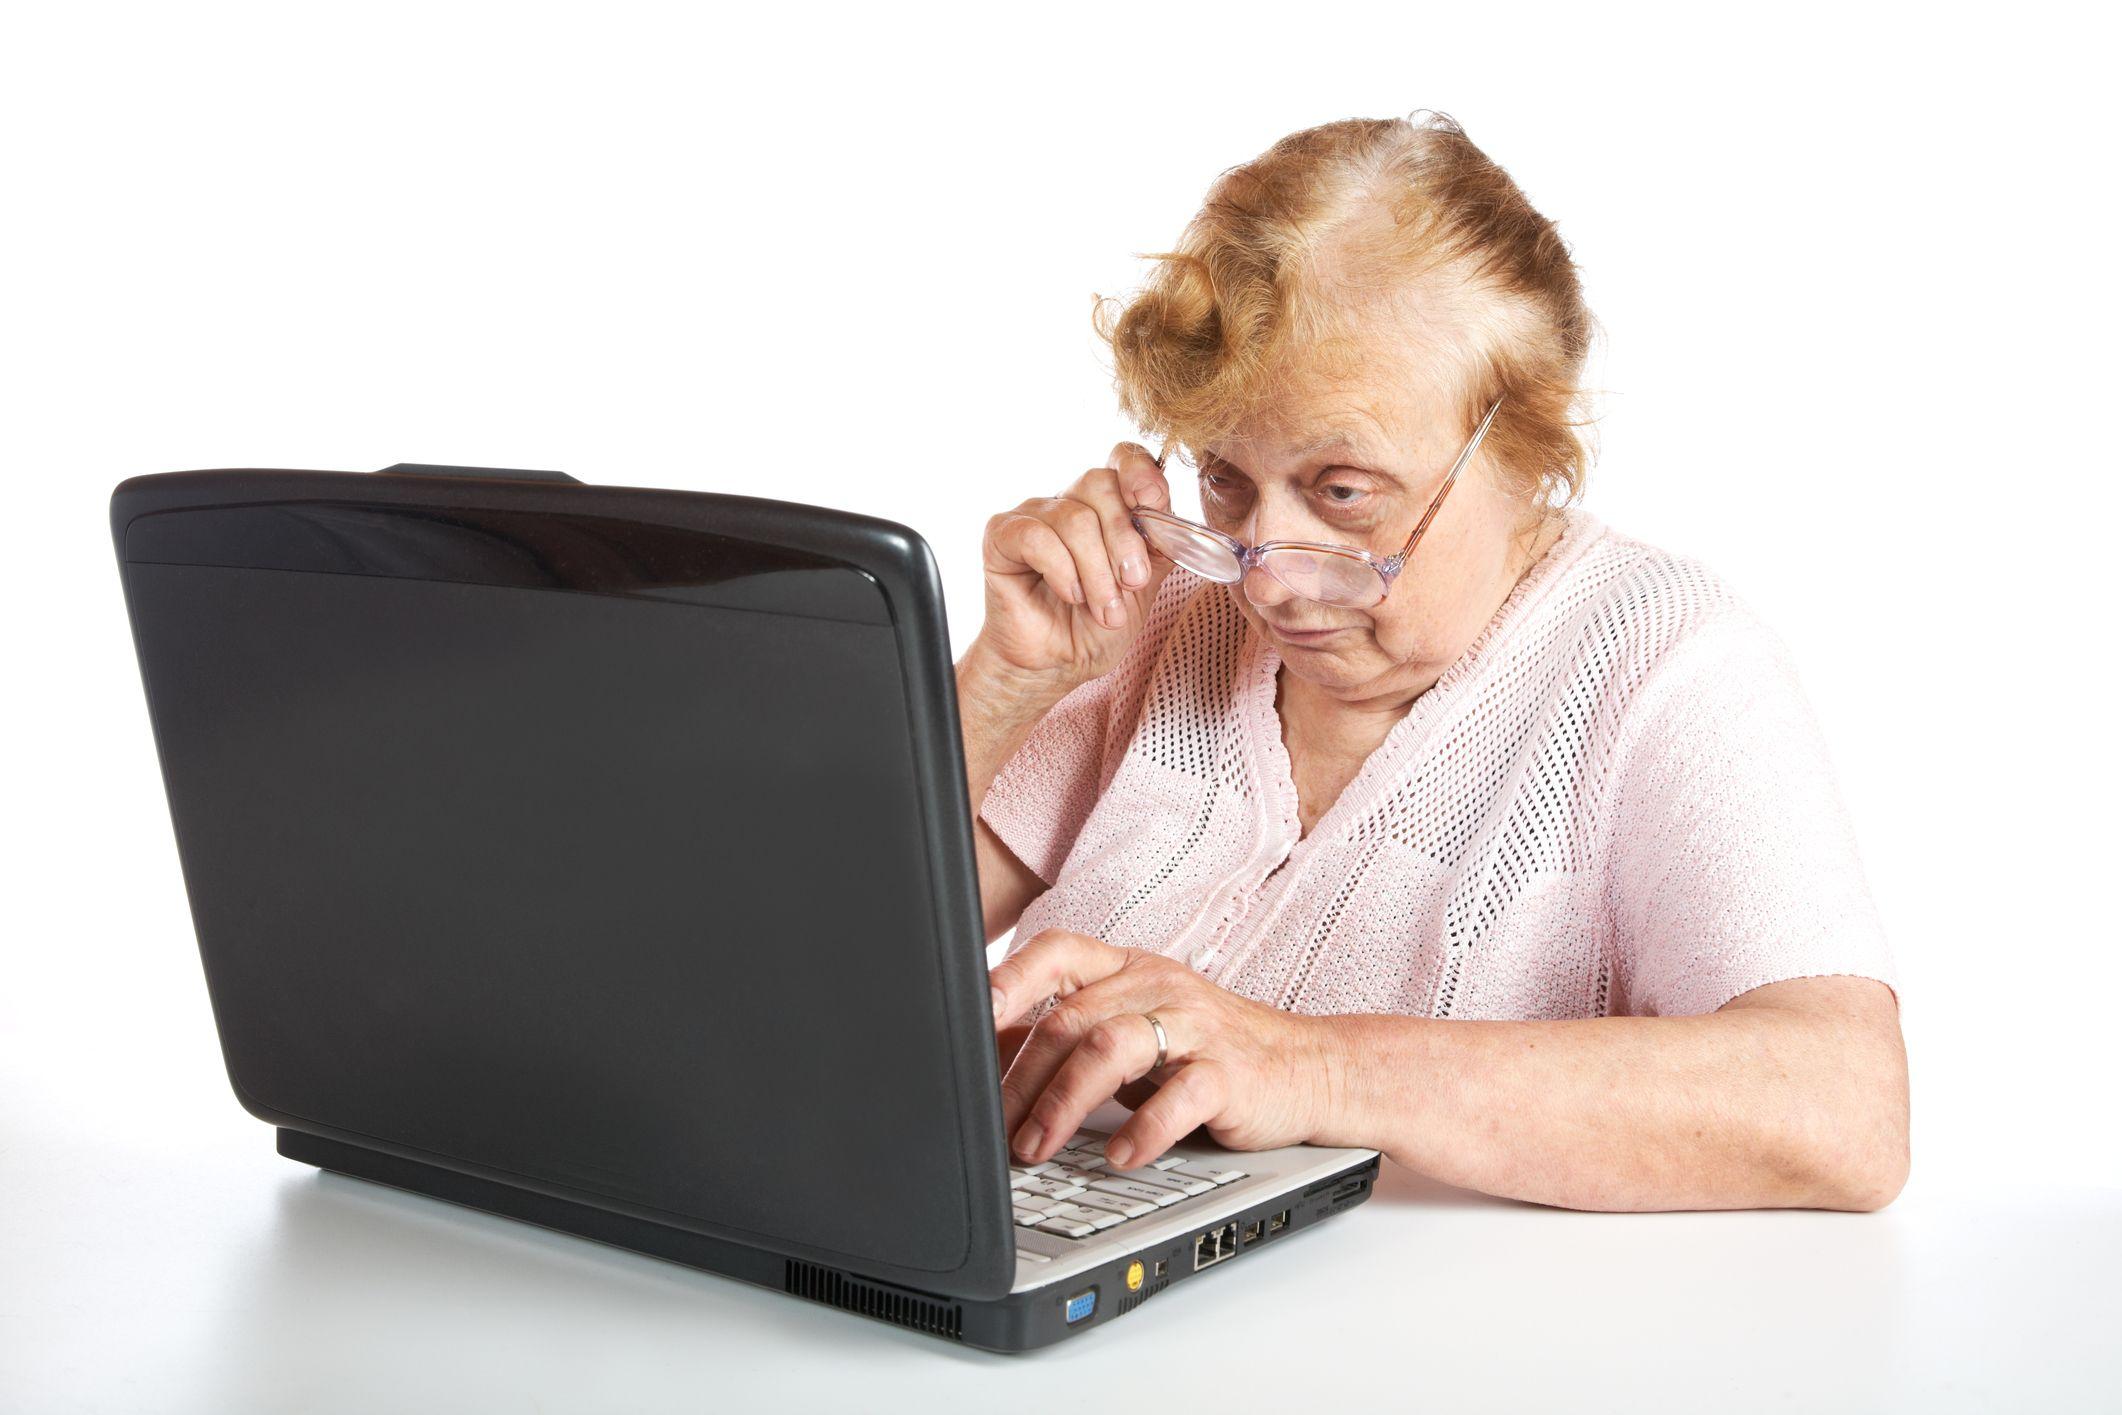 W tym roku emeryt dorobi więcej